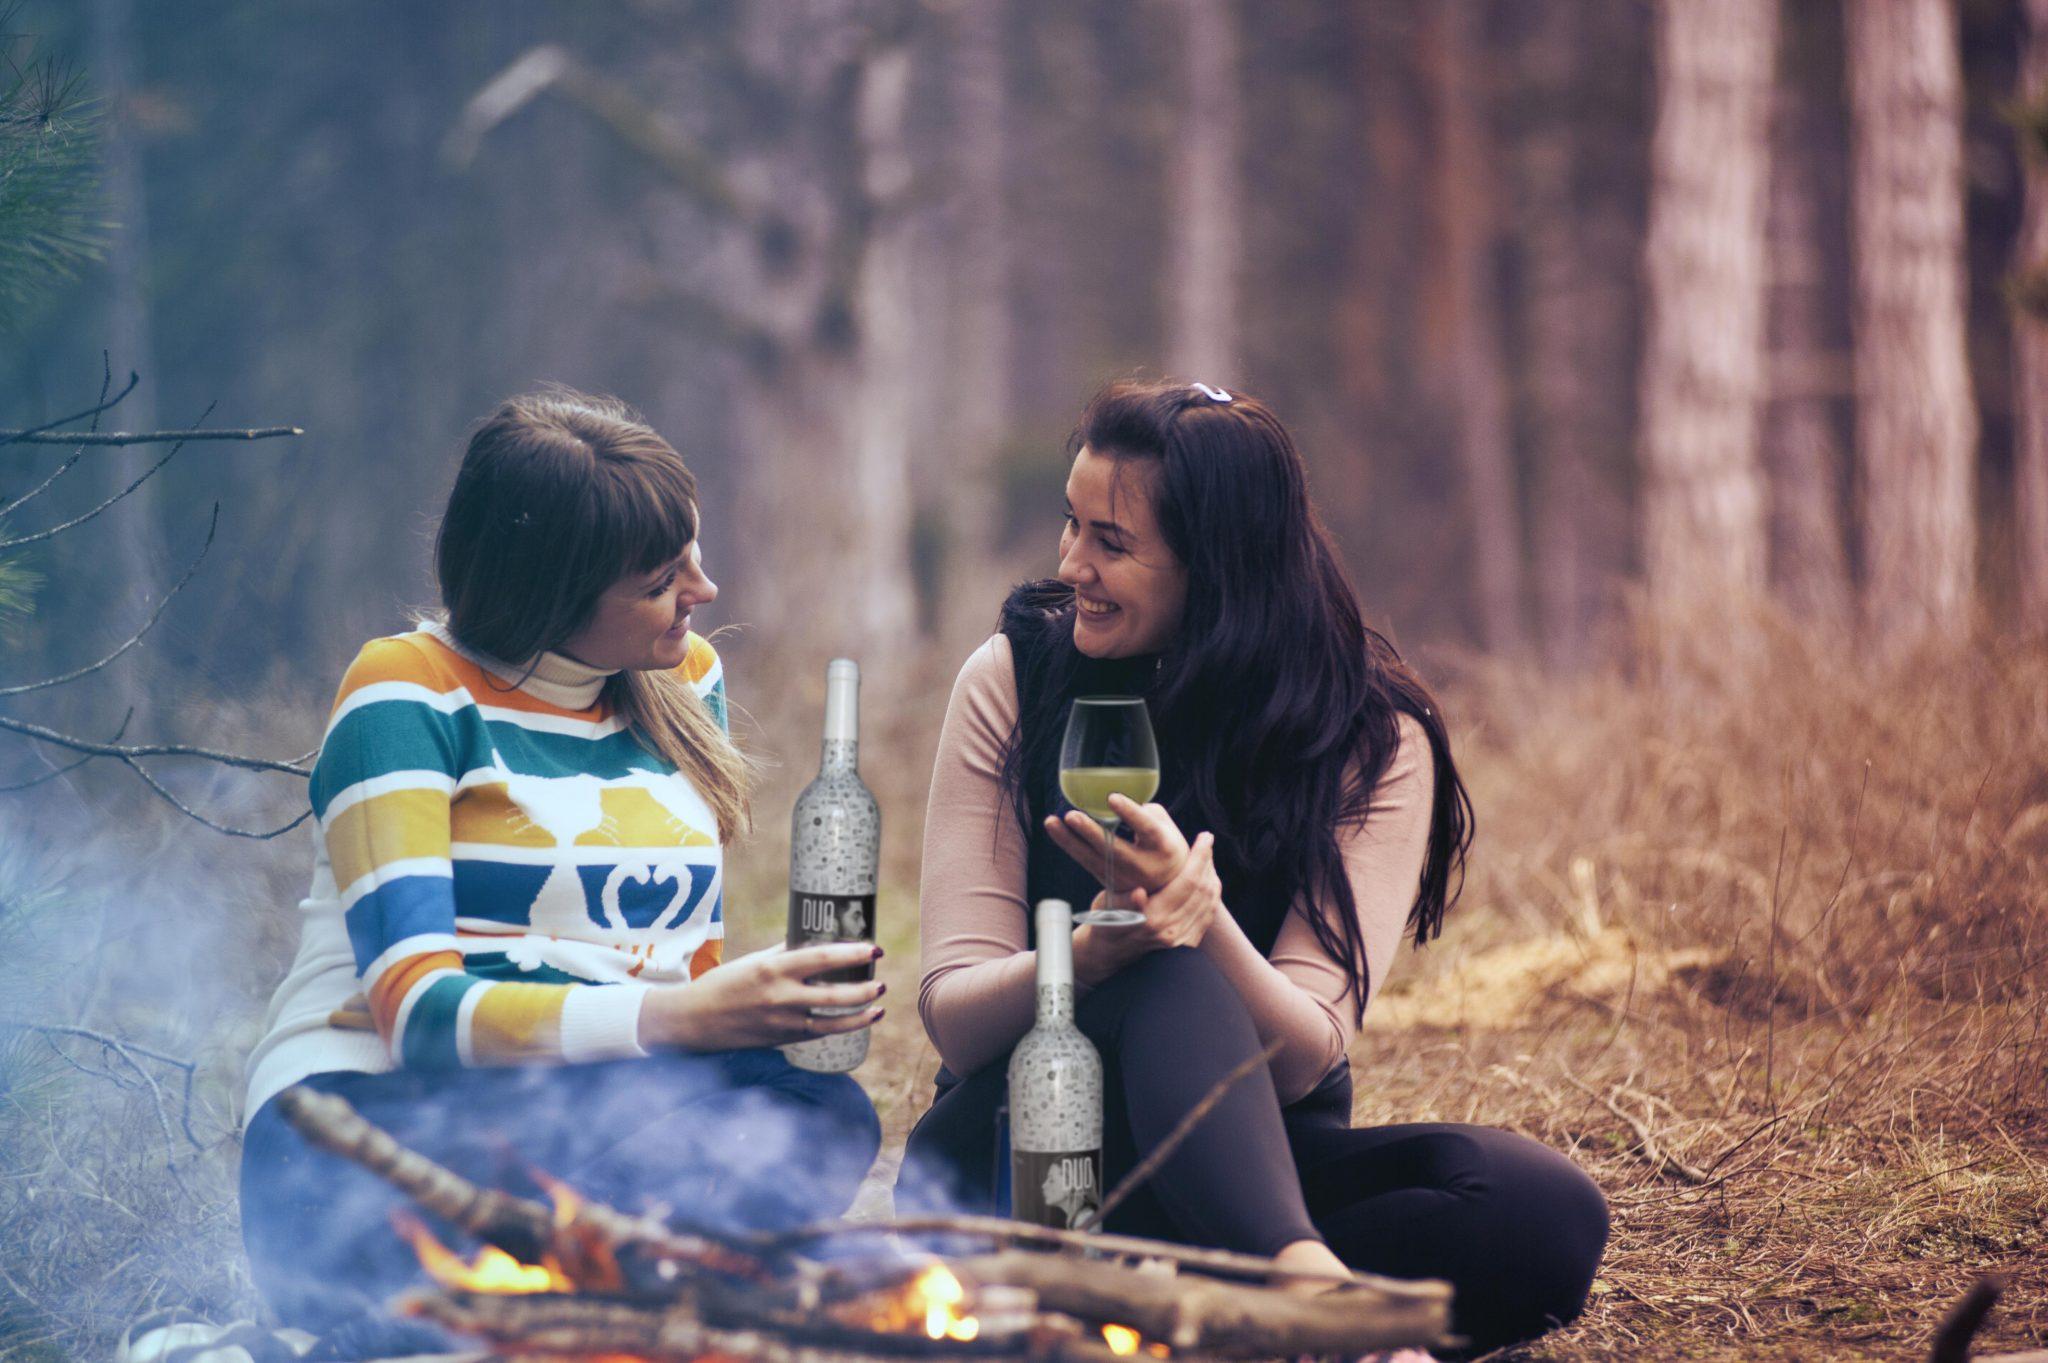 momento de vino duo con juego